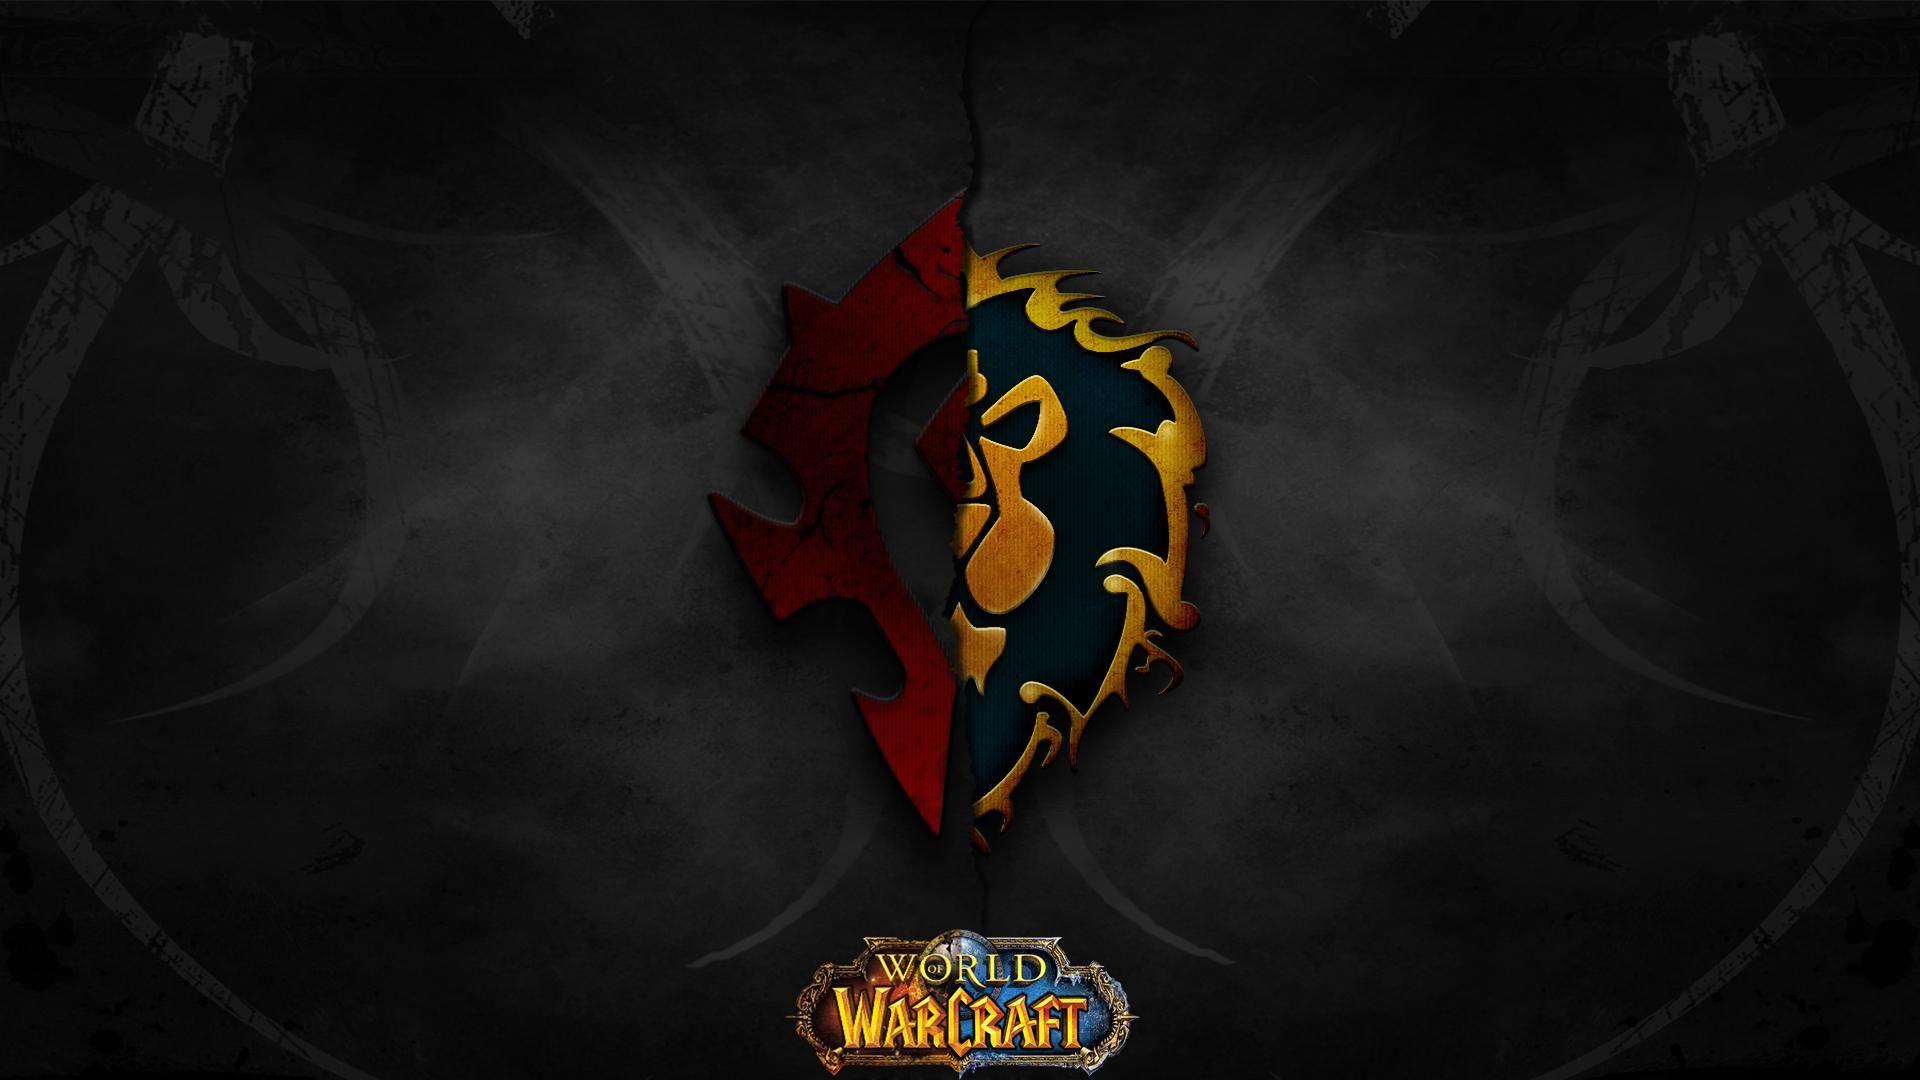 World Of Warcraft Alliance Vs Horde Hd Images Wallpaper